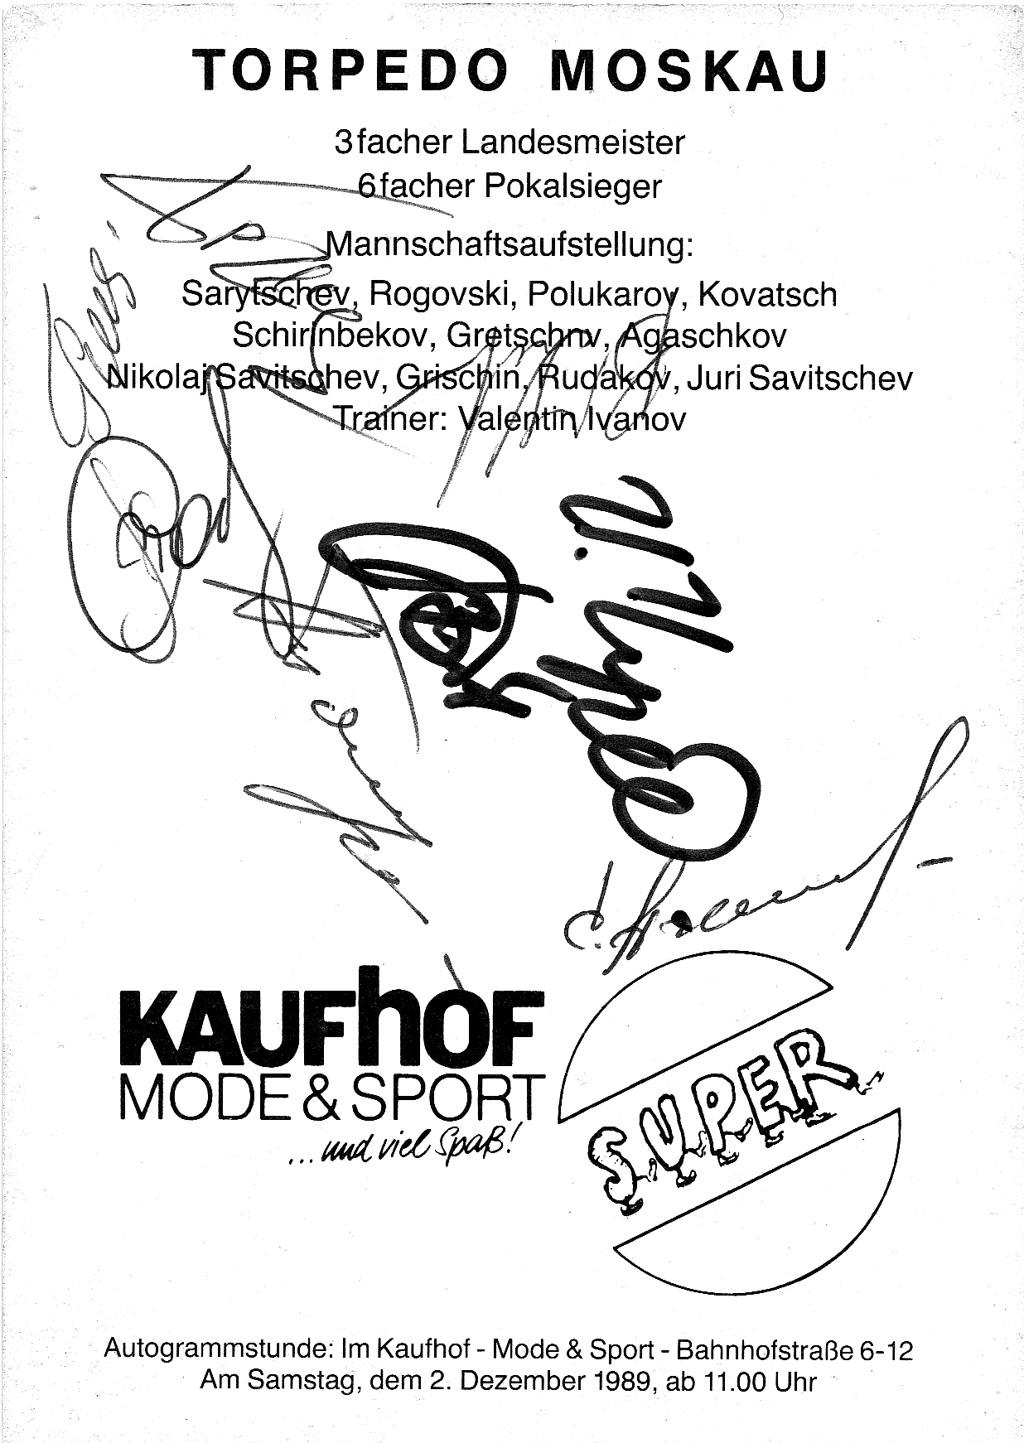 Rückseite der Autogrammkarte mit der Mannschaftsaufstellung und den Unterschriften.